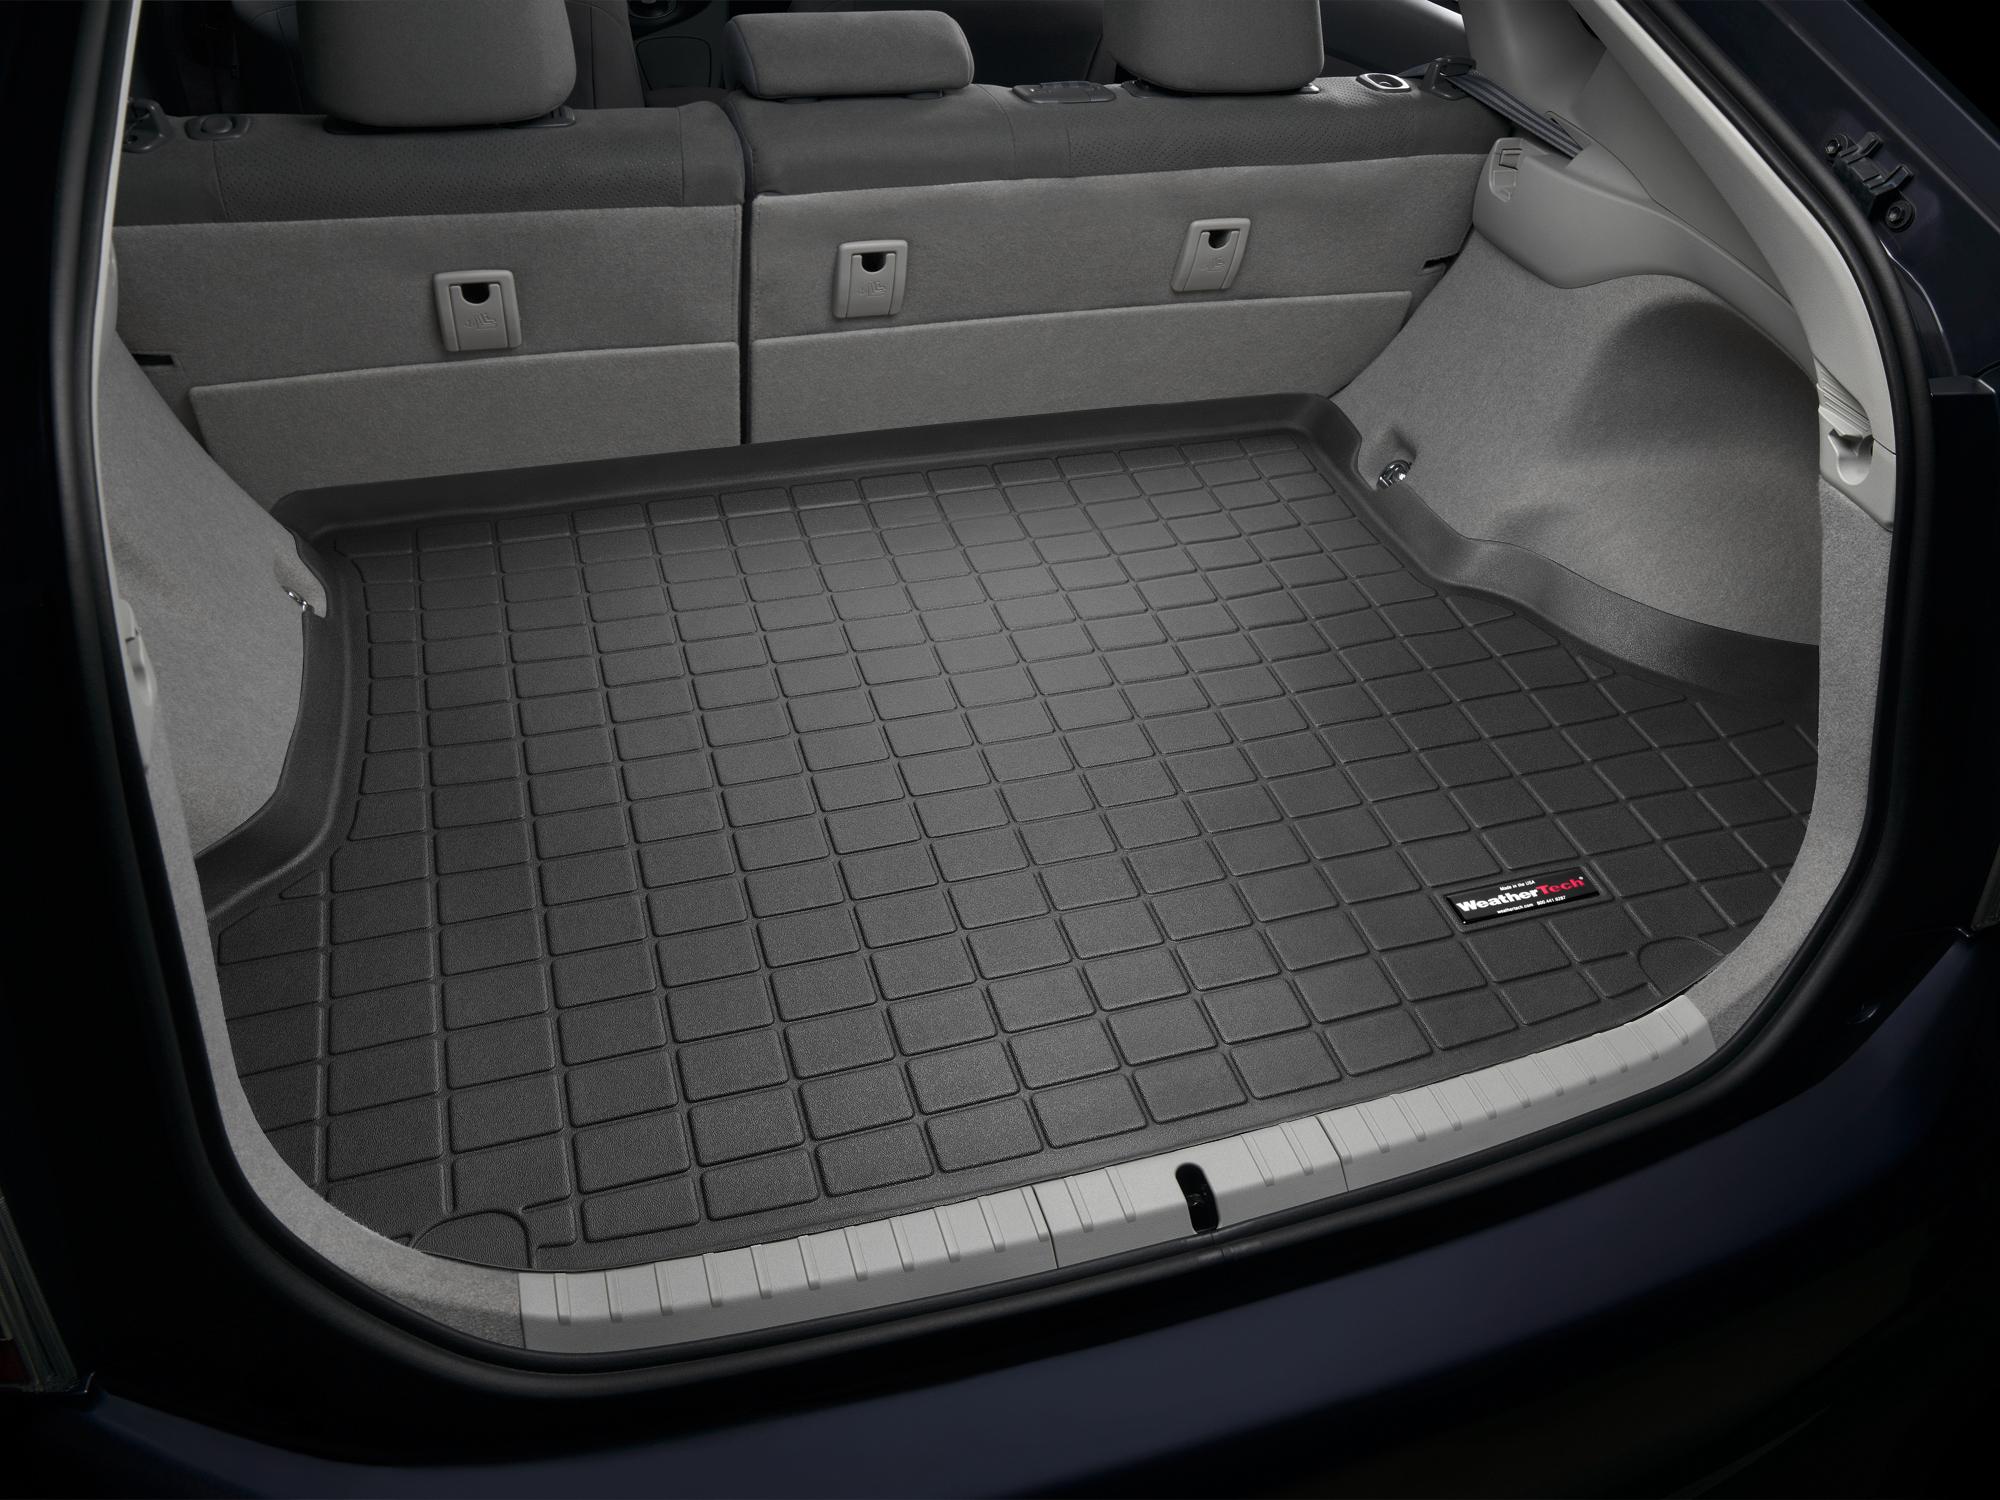 Toyota Prius 2009>2009 Vasca baule tappeto bagagliaio grigio *1257